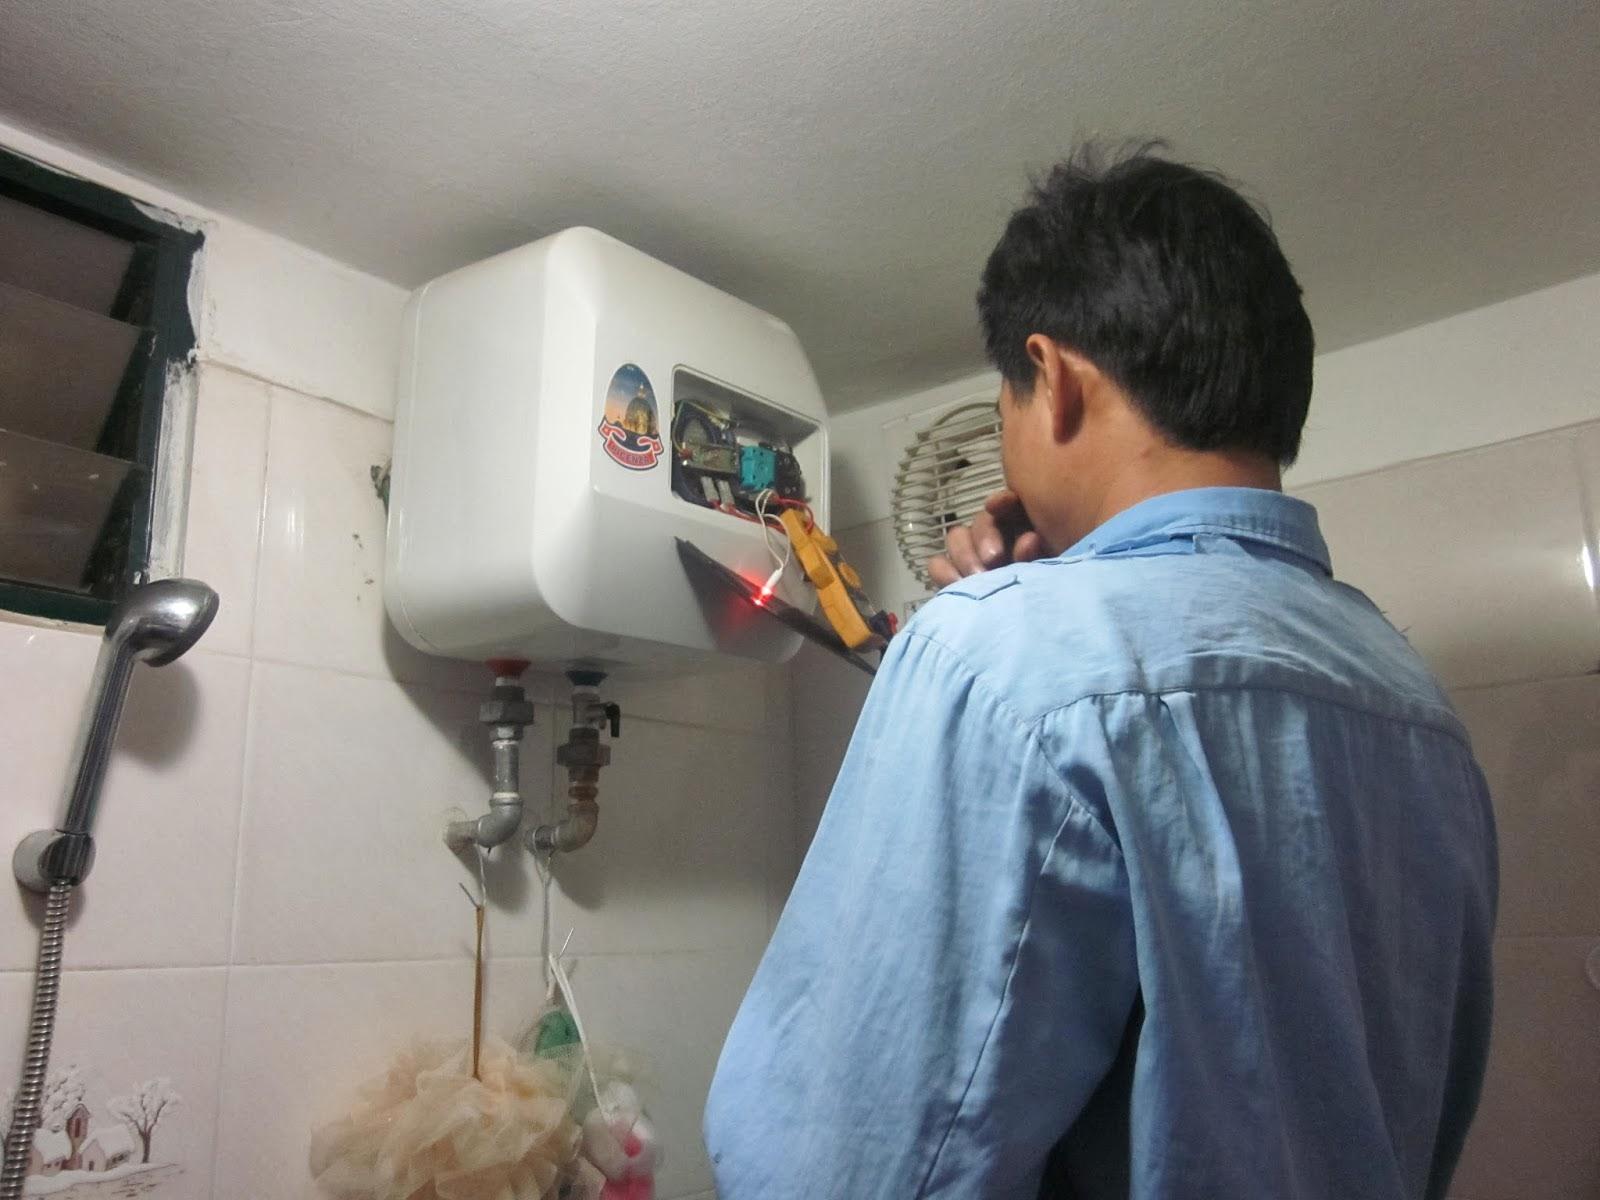 Sửa bình nóng lạnh tại quận Cầu Giấy